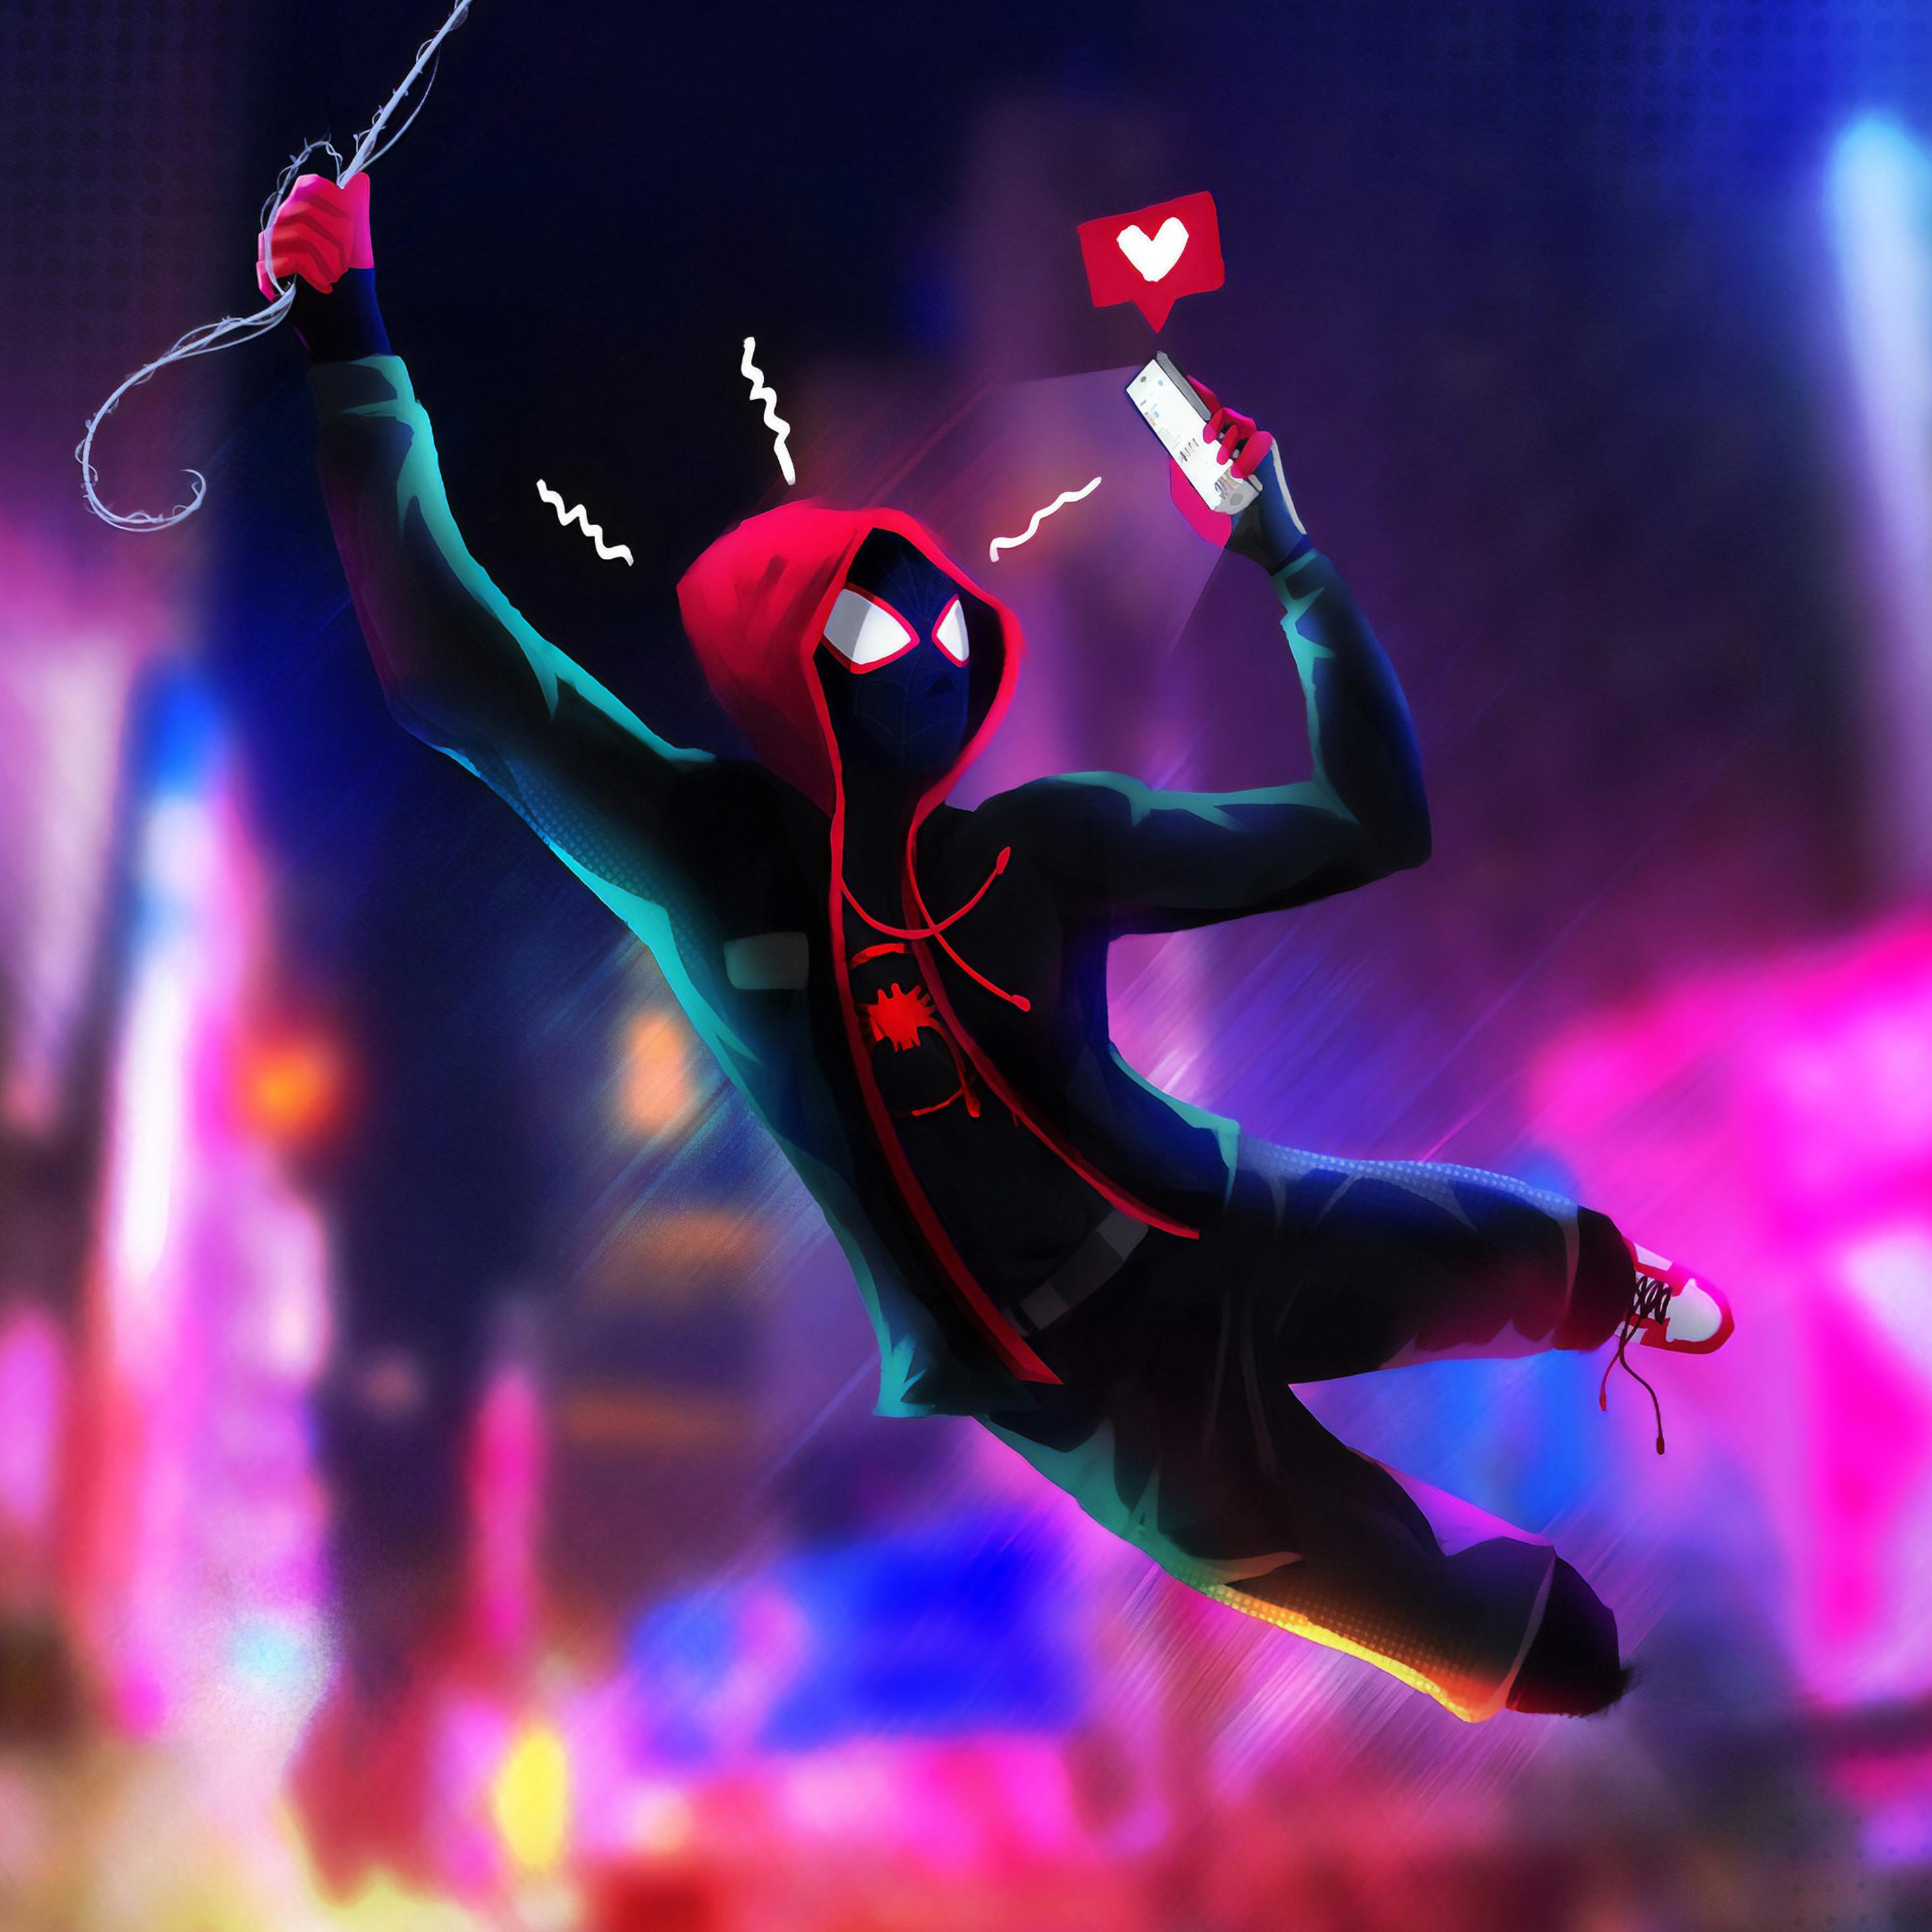 spiderman-texting-l0.jpg